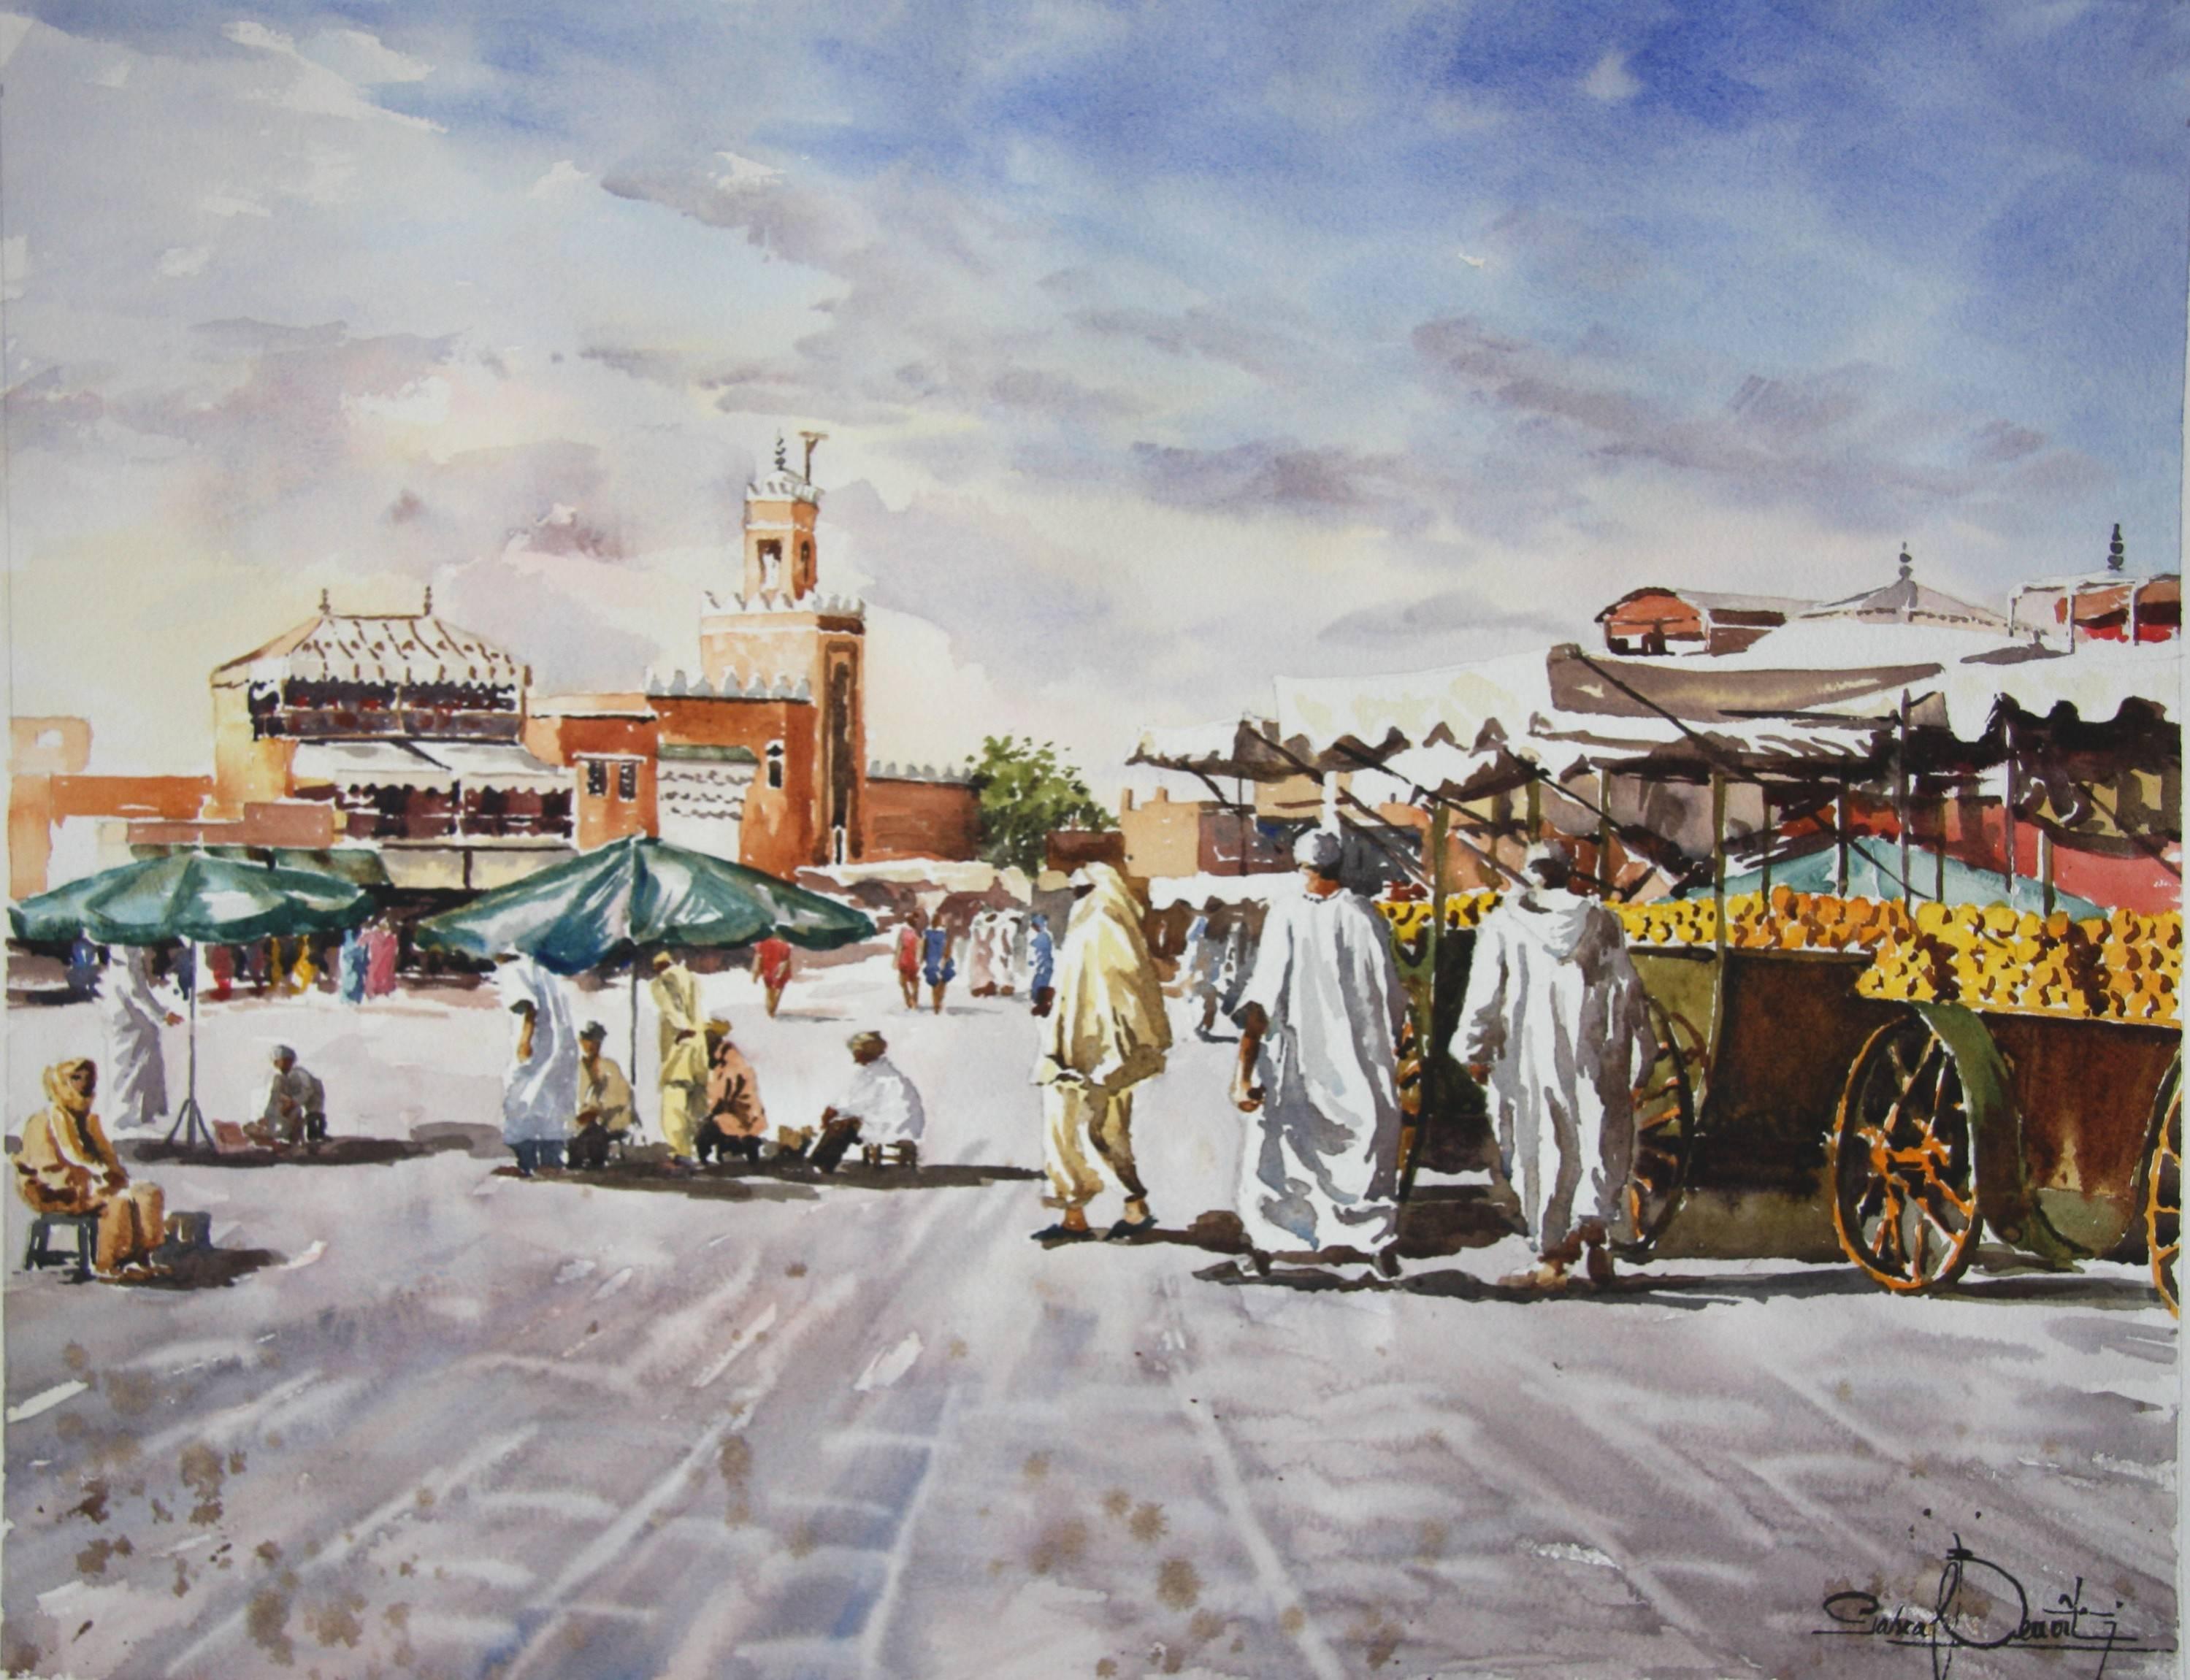 Marrakech, Place Jema El Fna 2